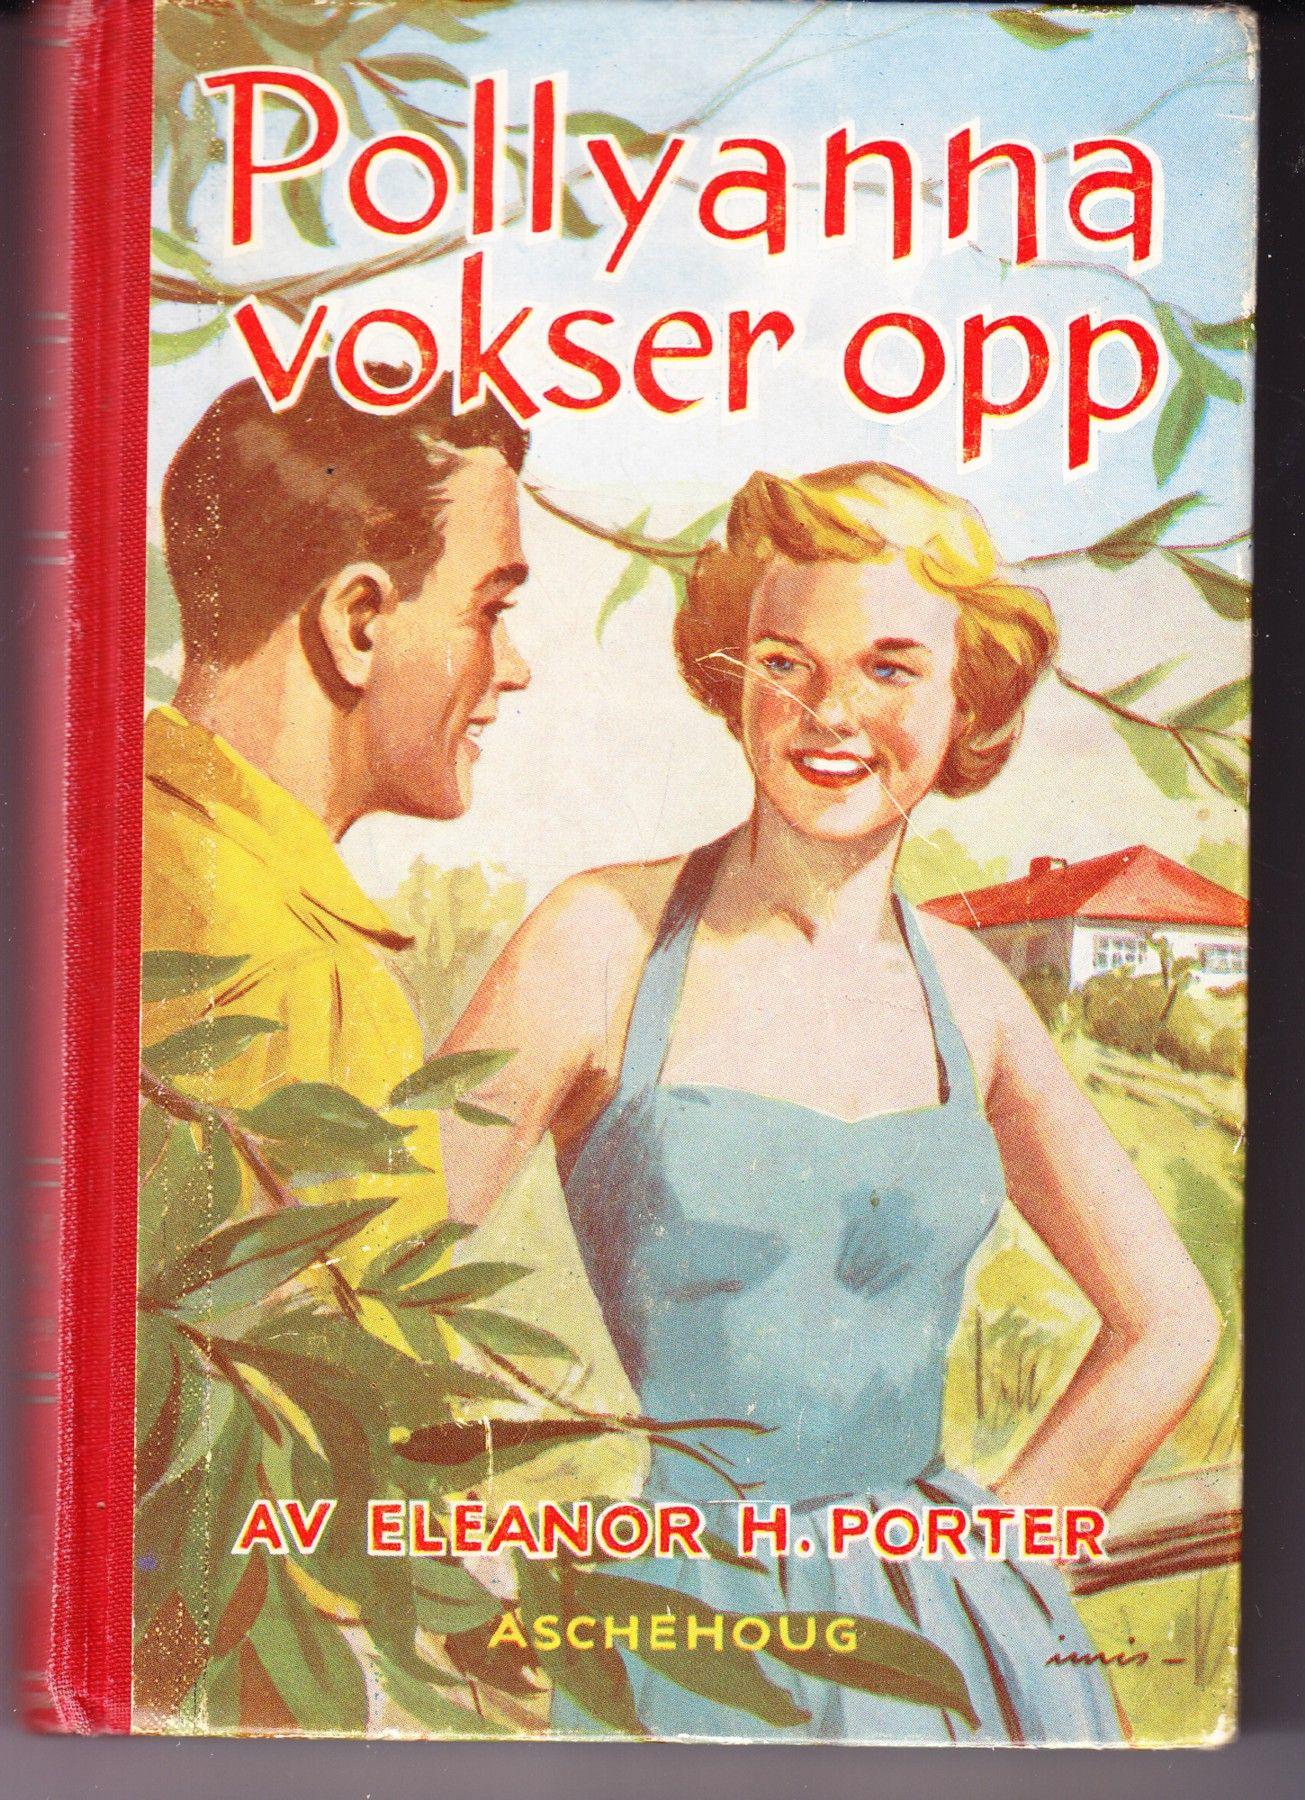 """""""Pollyanna vokser opp - En ny glad bok"""" av Eleanor H Porter - Kept as the second hand bookshop I worked in changed owner"""